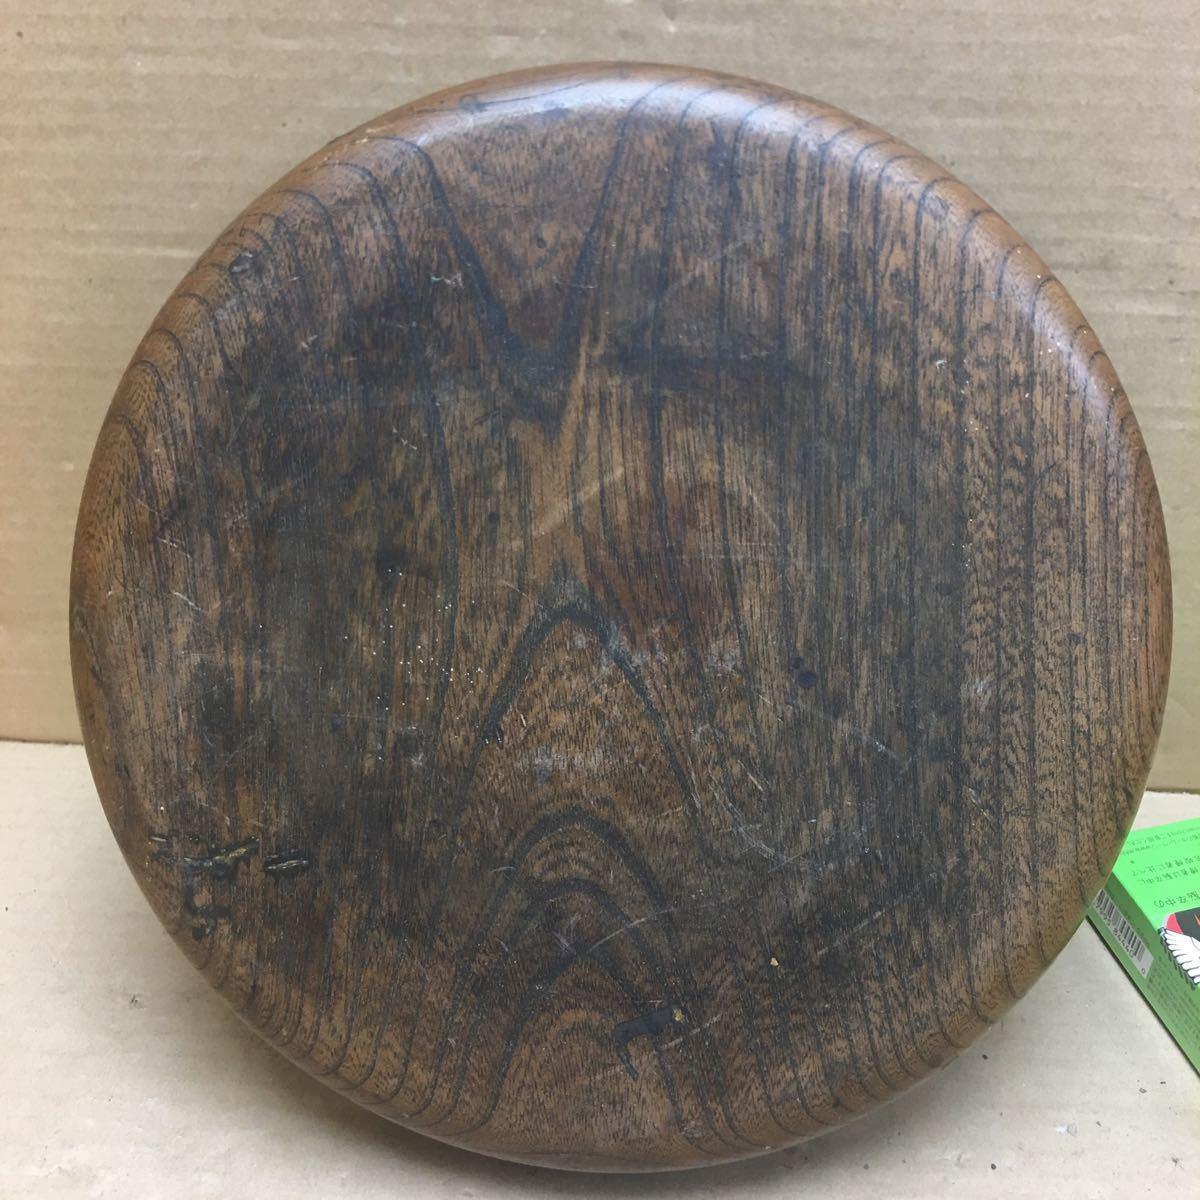 丸盆 煎茶道具 お盆 無垢材木目が美しい煎茶盆 刳り貫き茶盆 時代古民具 古美術 古道具 直径約24cm_画像7